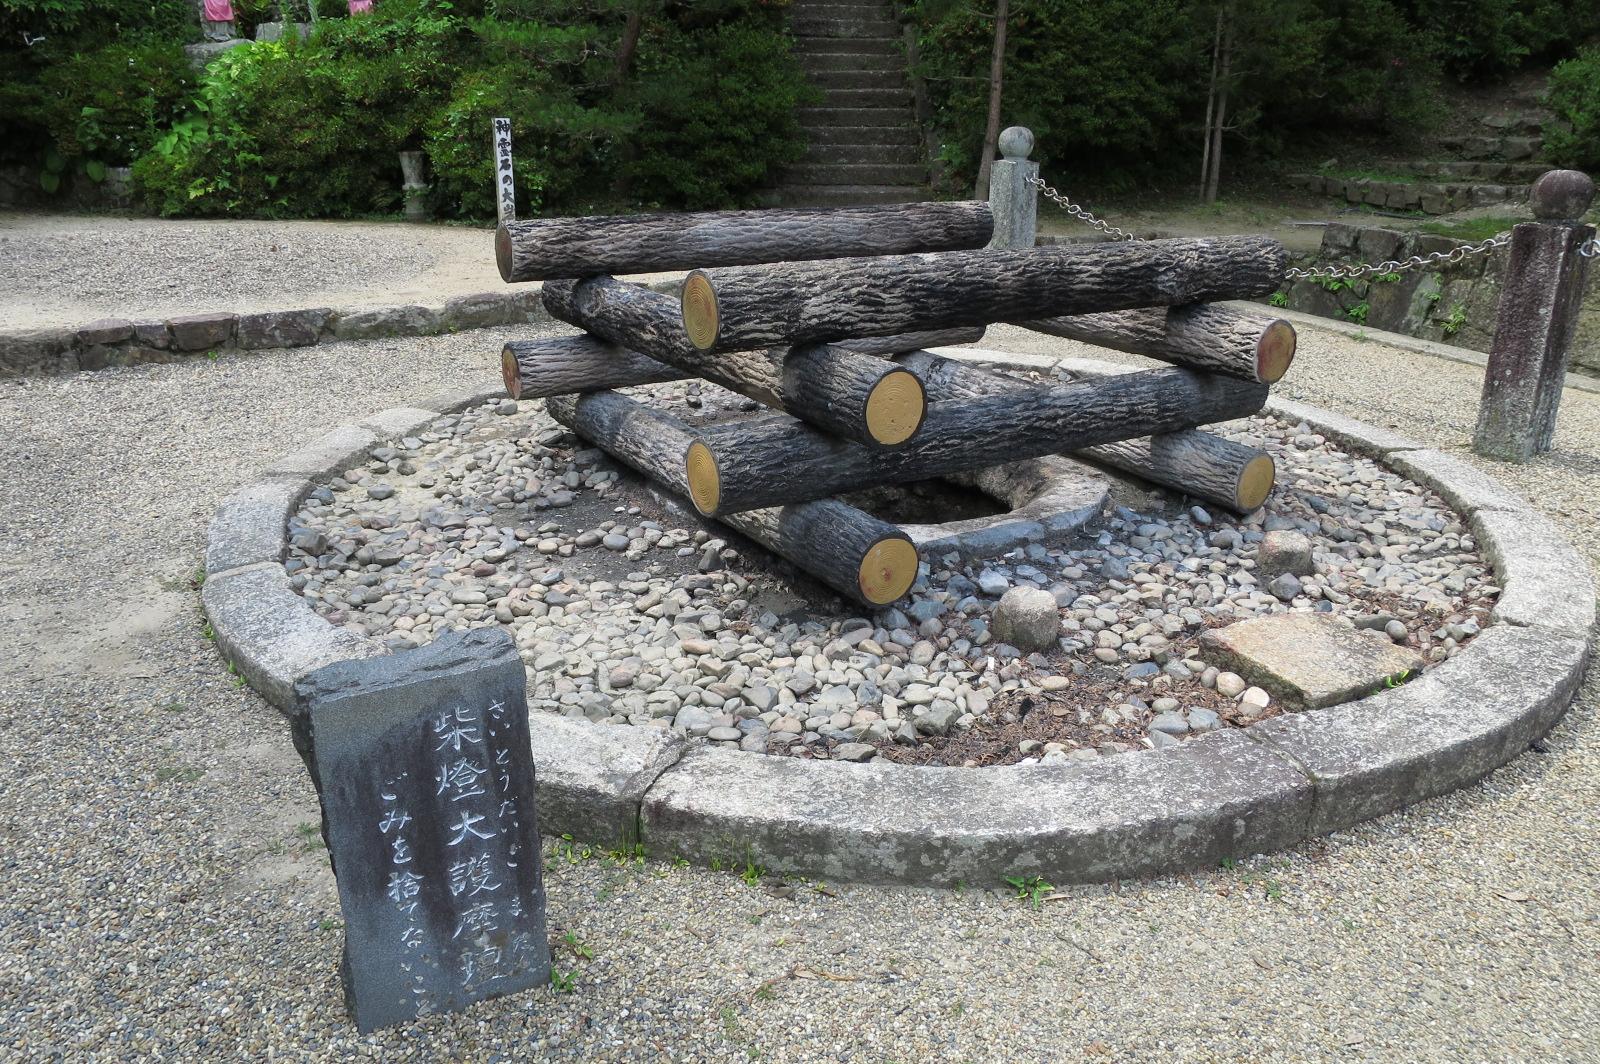 はつうま厄除大祭、初午厄除祭、柴燈大護摩の際にこの護摩壇が使用されます。